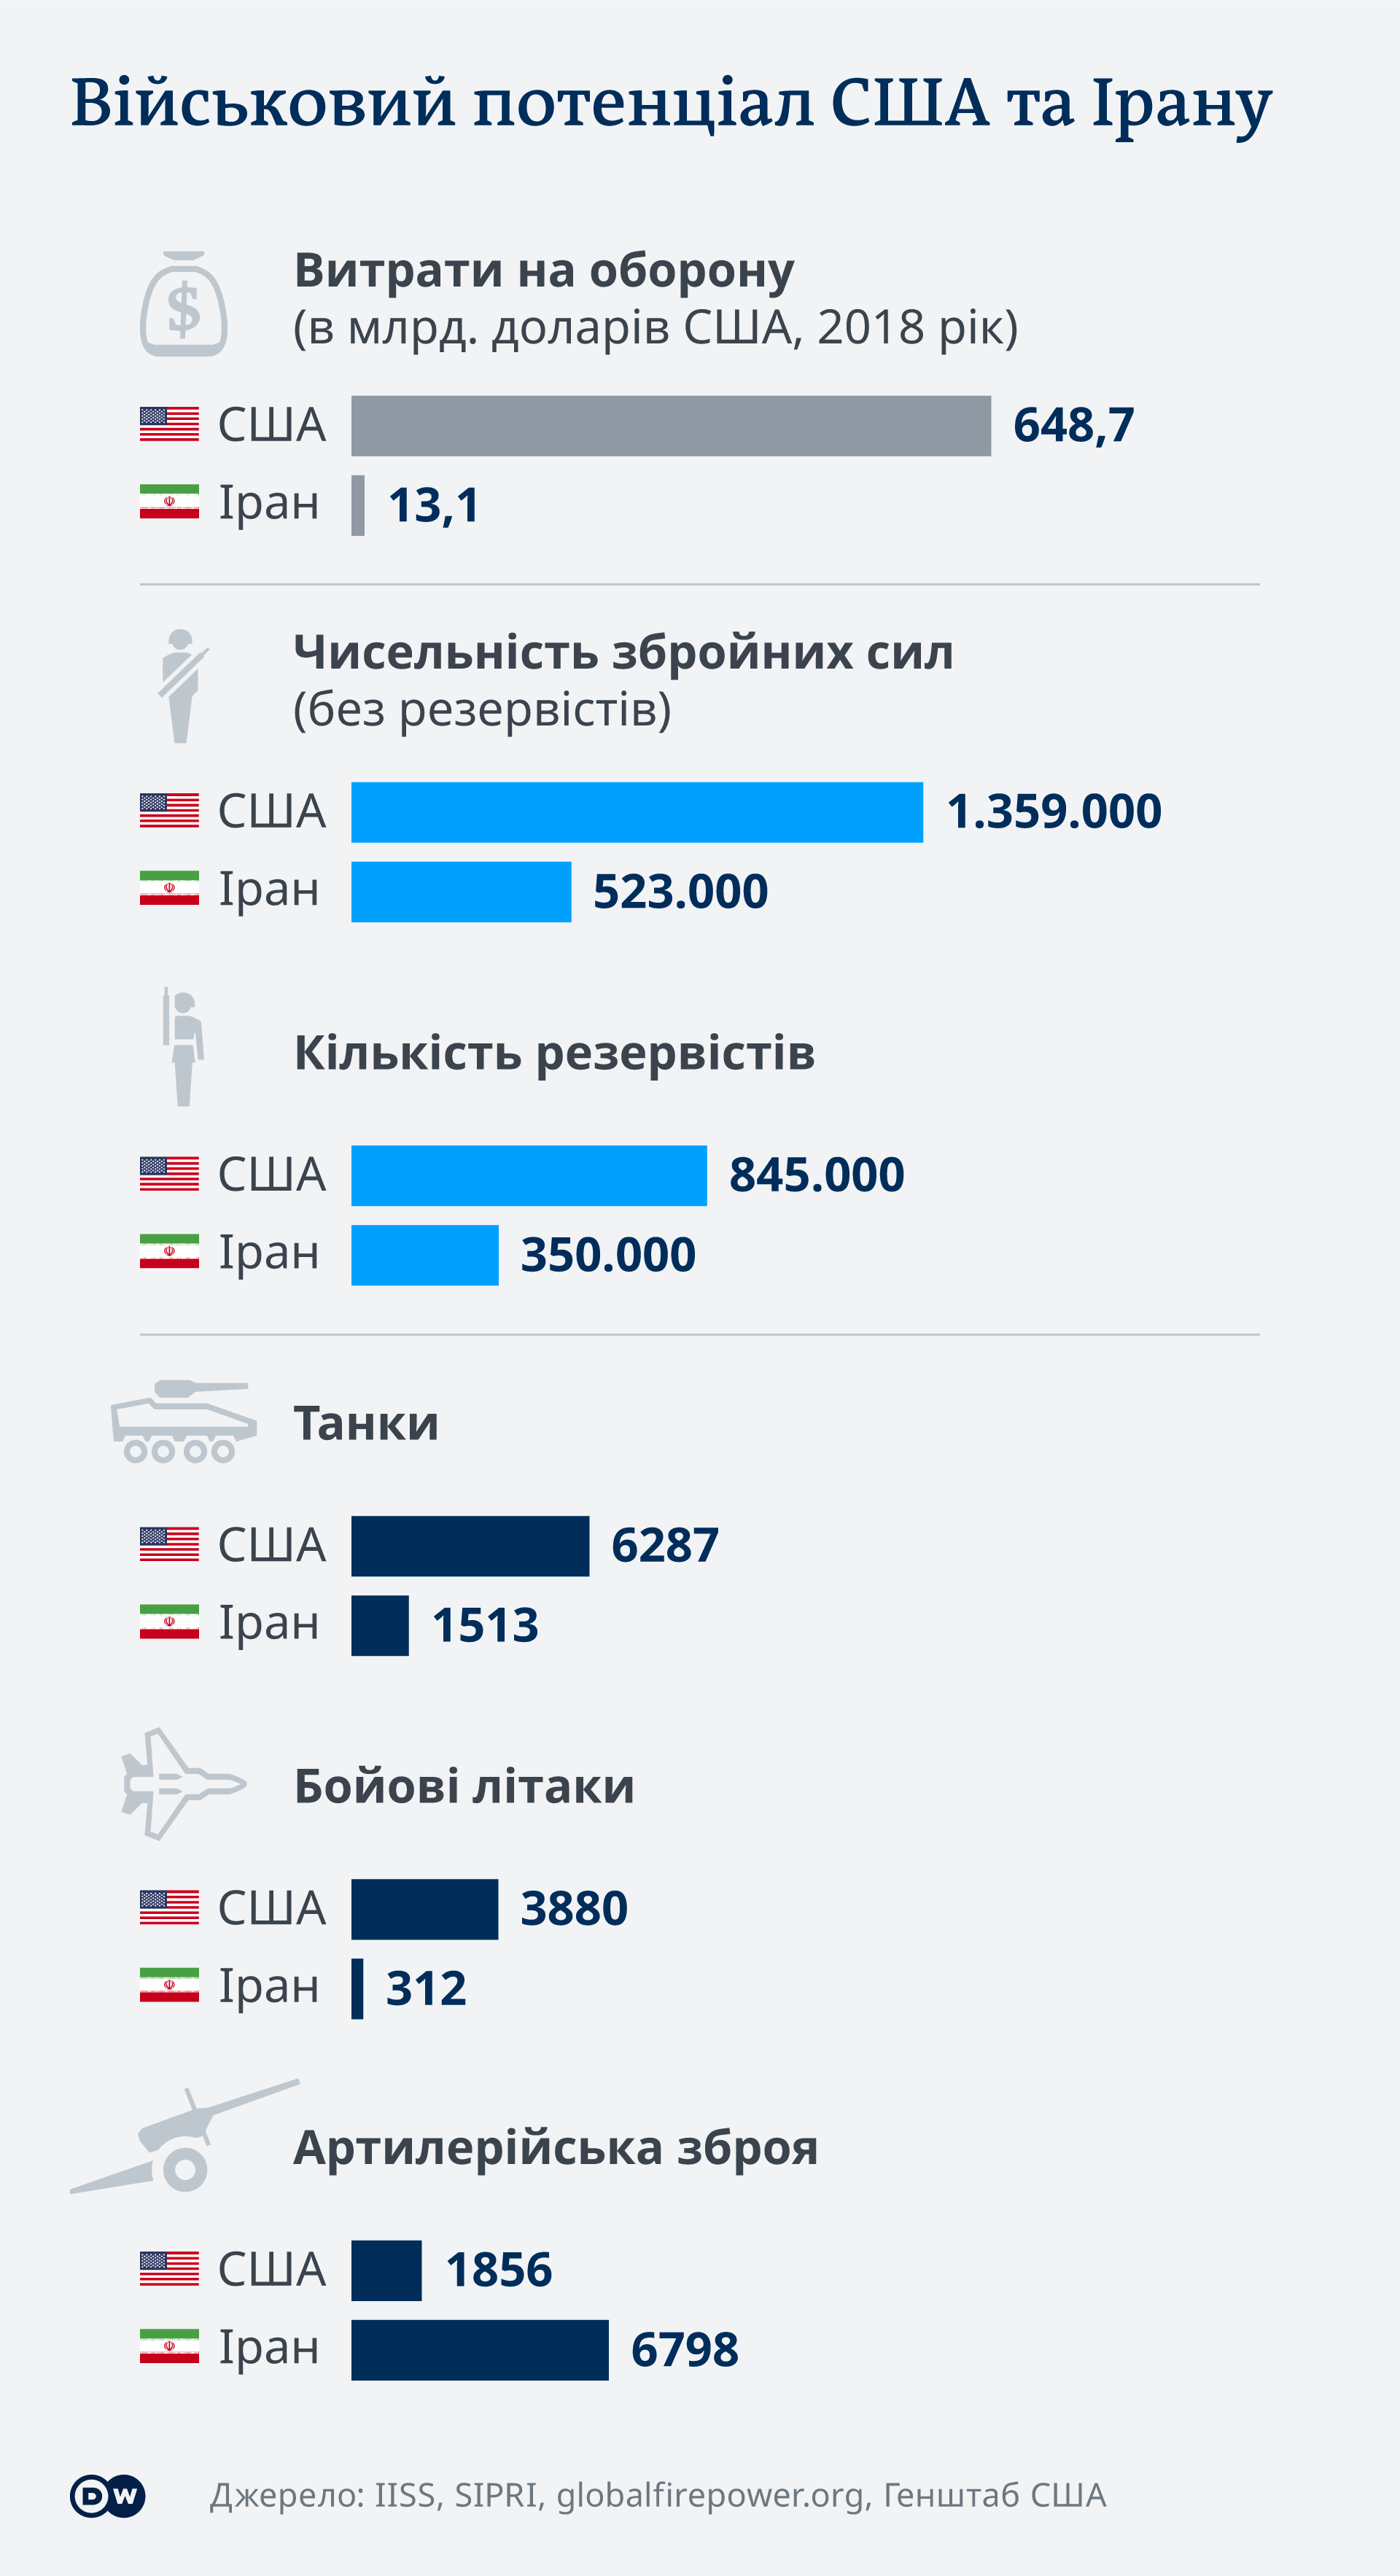 Infografik Vergleich Streitkräfte USA Iran UK